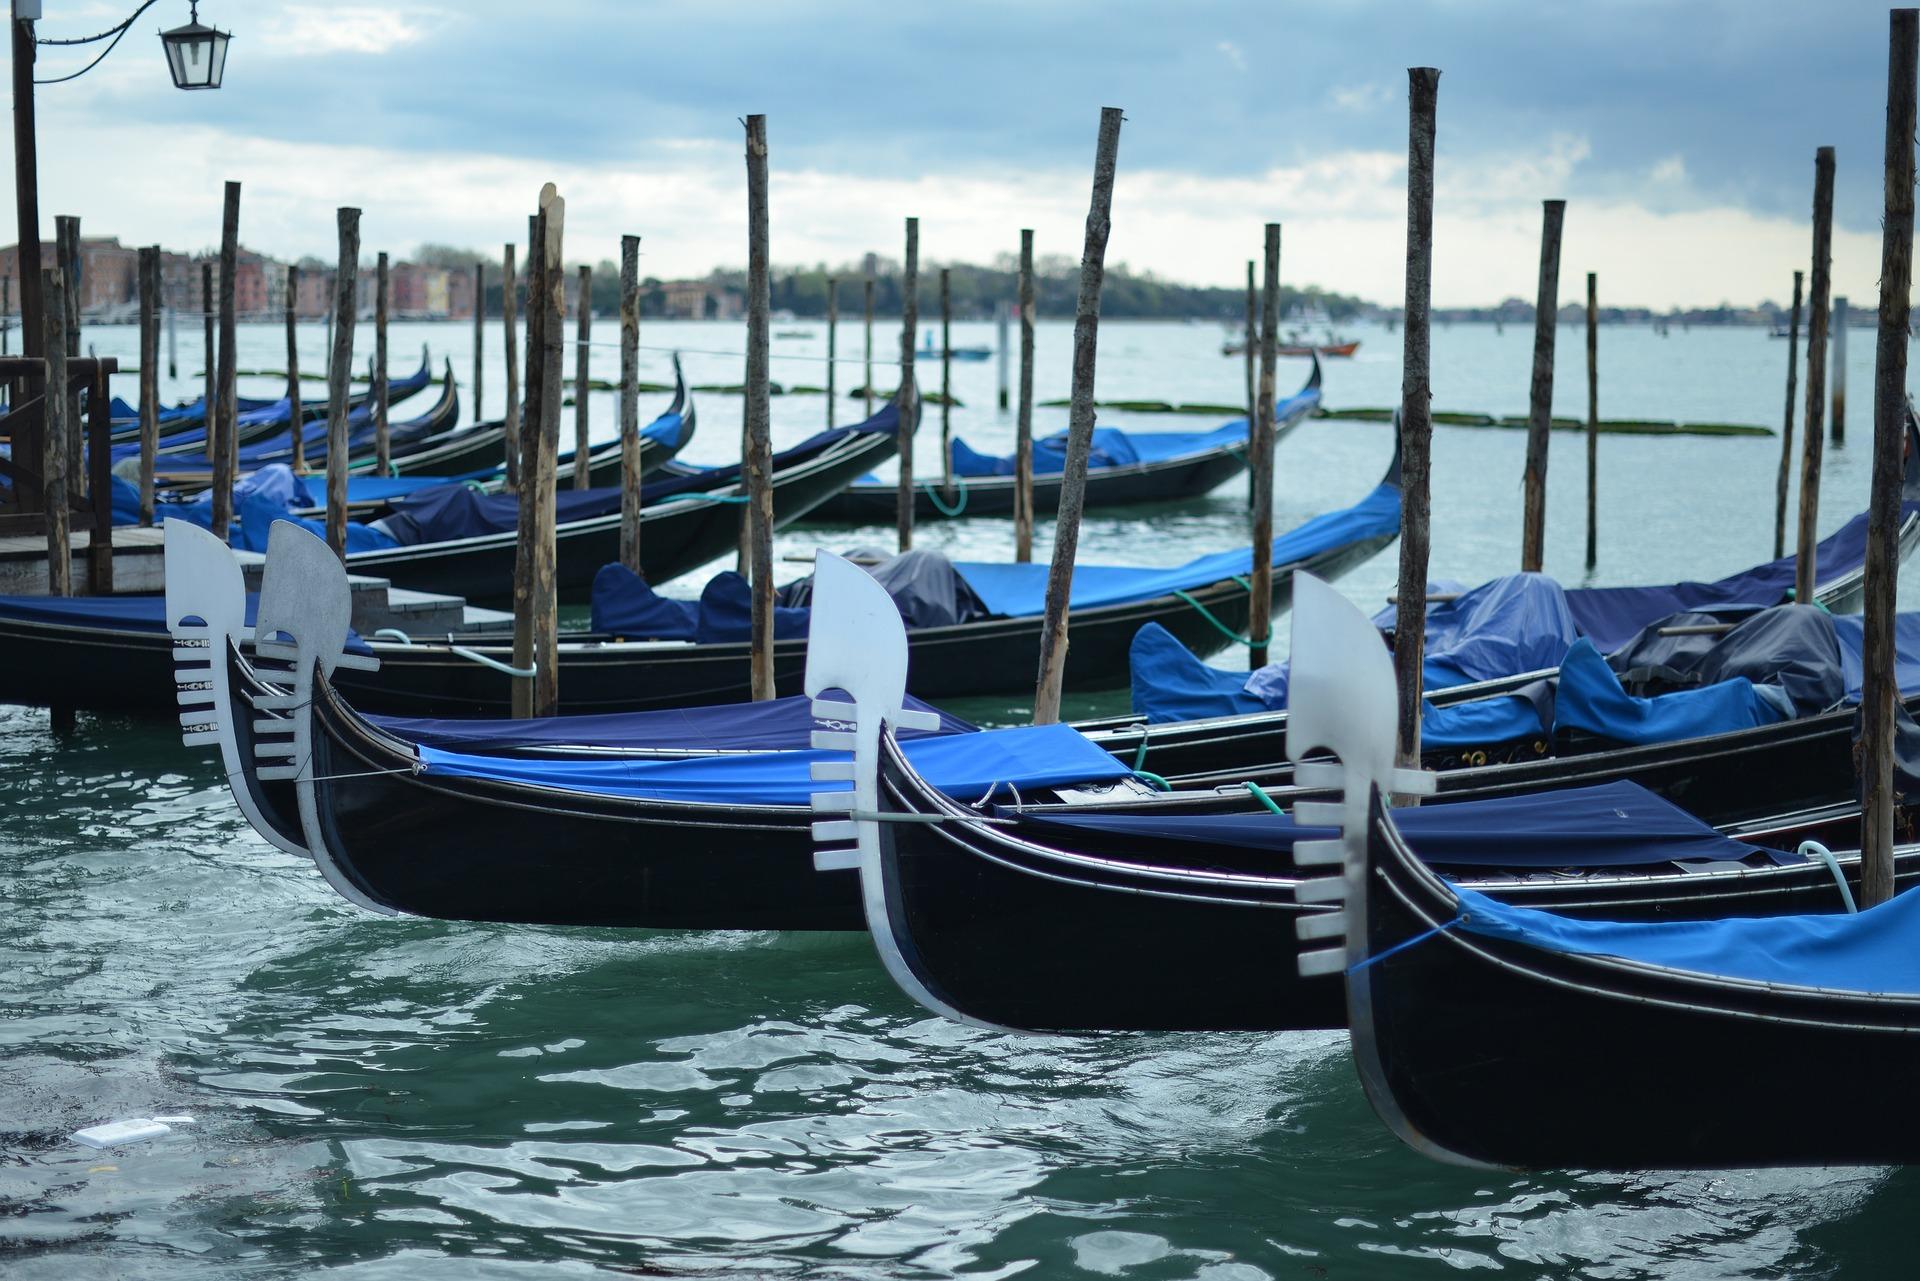 Prezzo di un giro in gondola a Venezia: